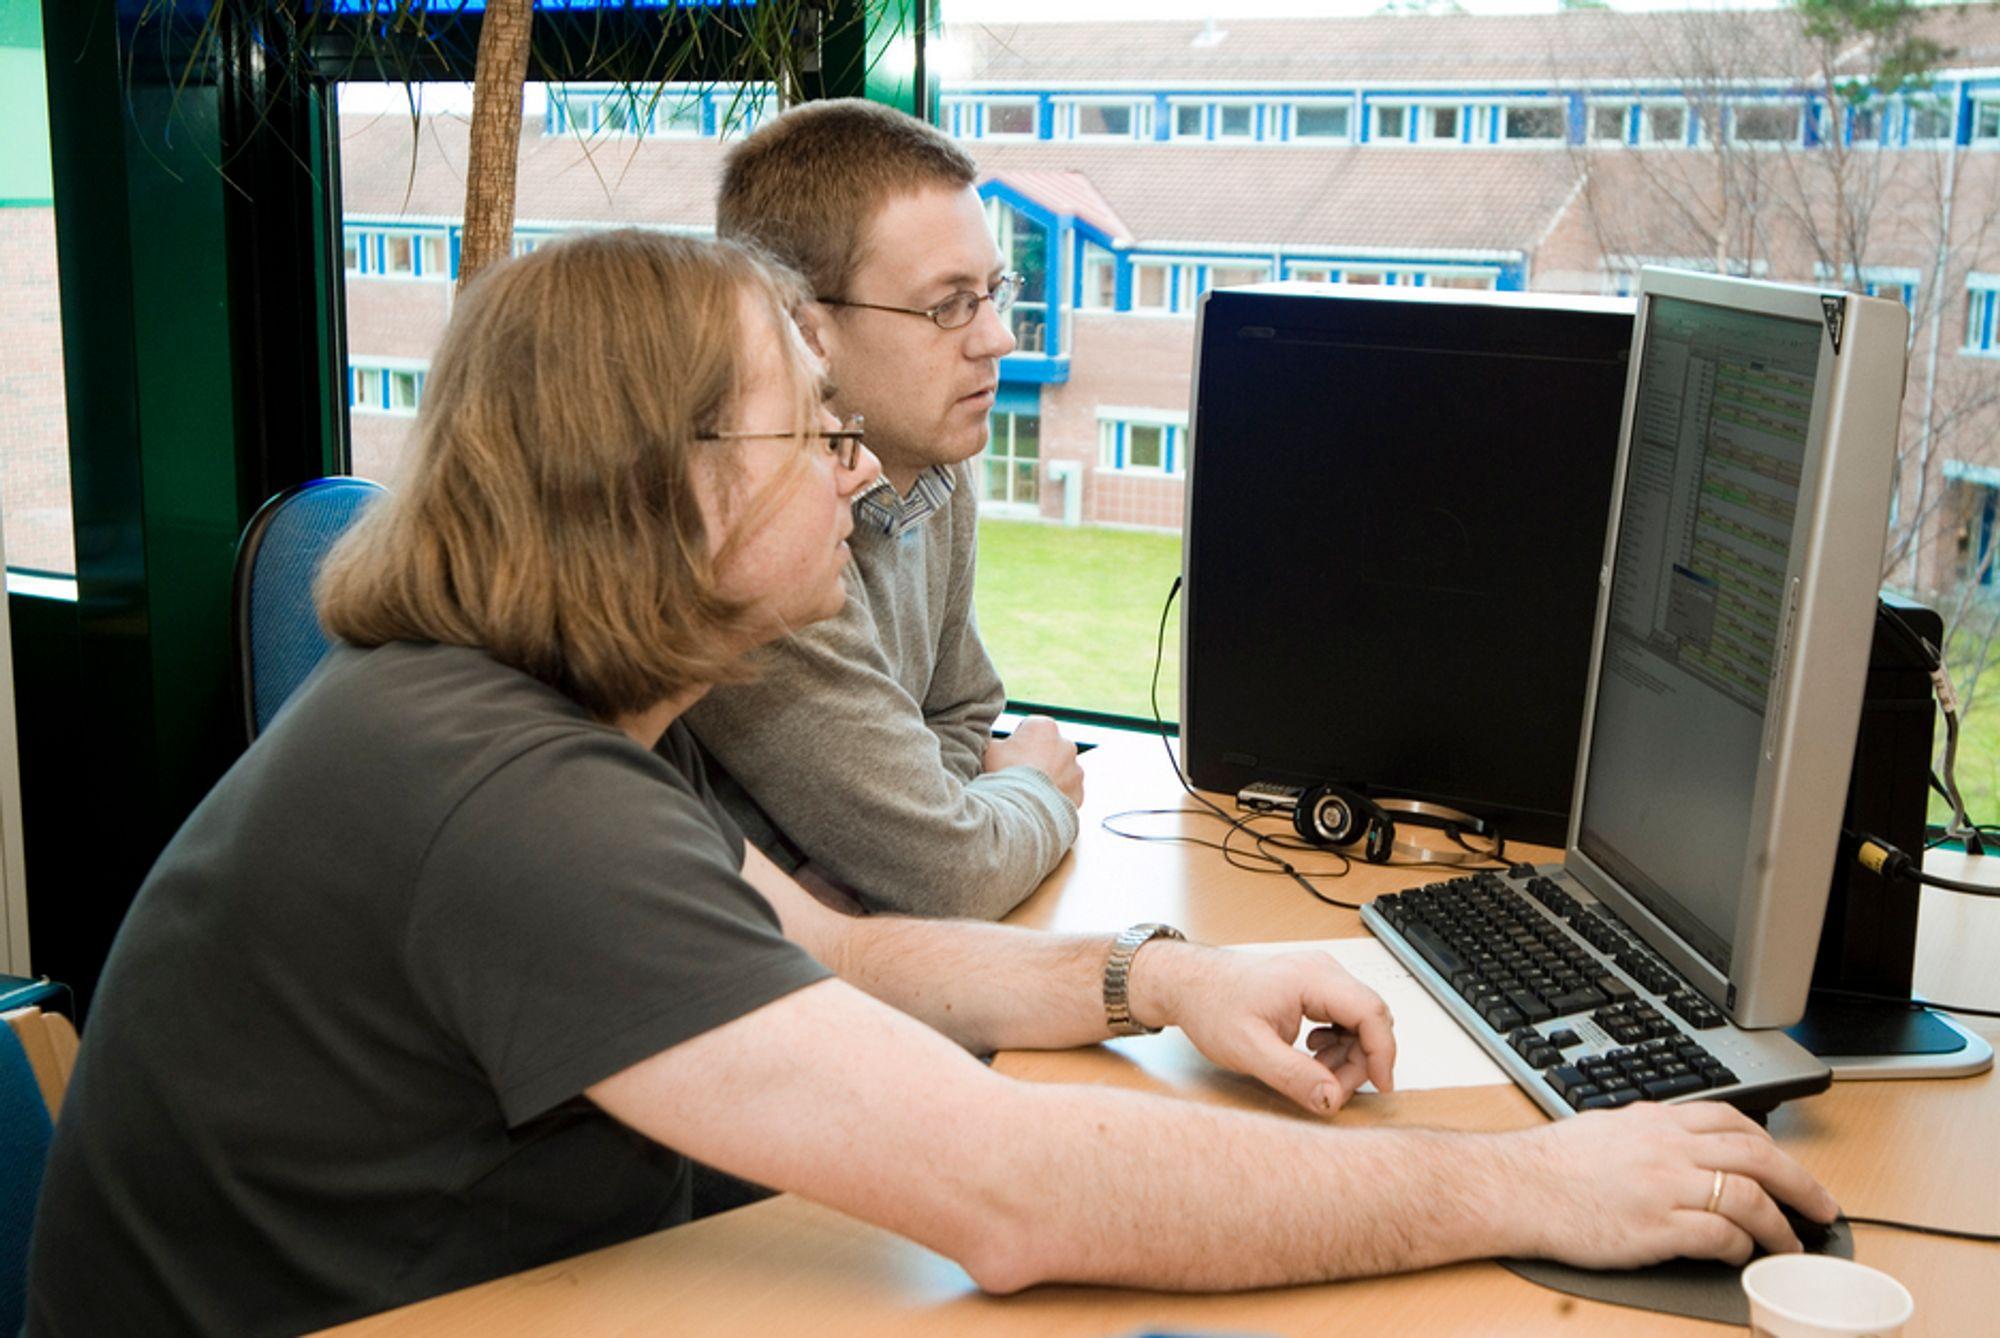 MER ENN LØNN: Ansatte hos Ericsson i Asker mener arbeidsgiveren burde se mer på stabens lønnsomme ideer og ikke bare på det norske lønnsnivået separat. Illustrasjonsfoto: Ericsson